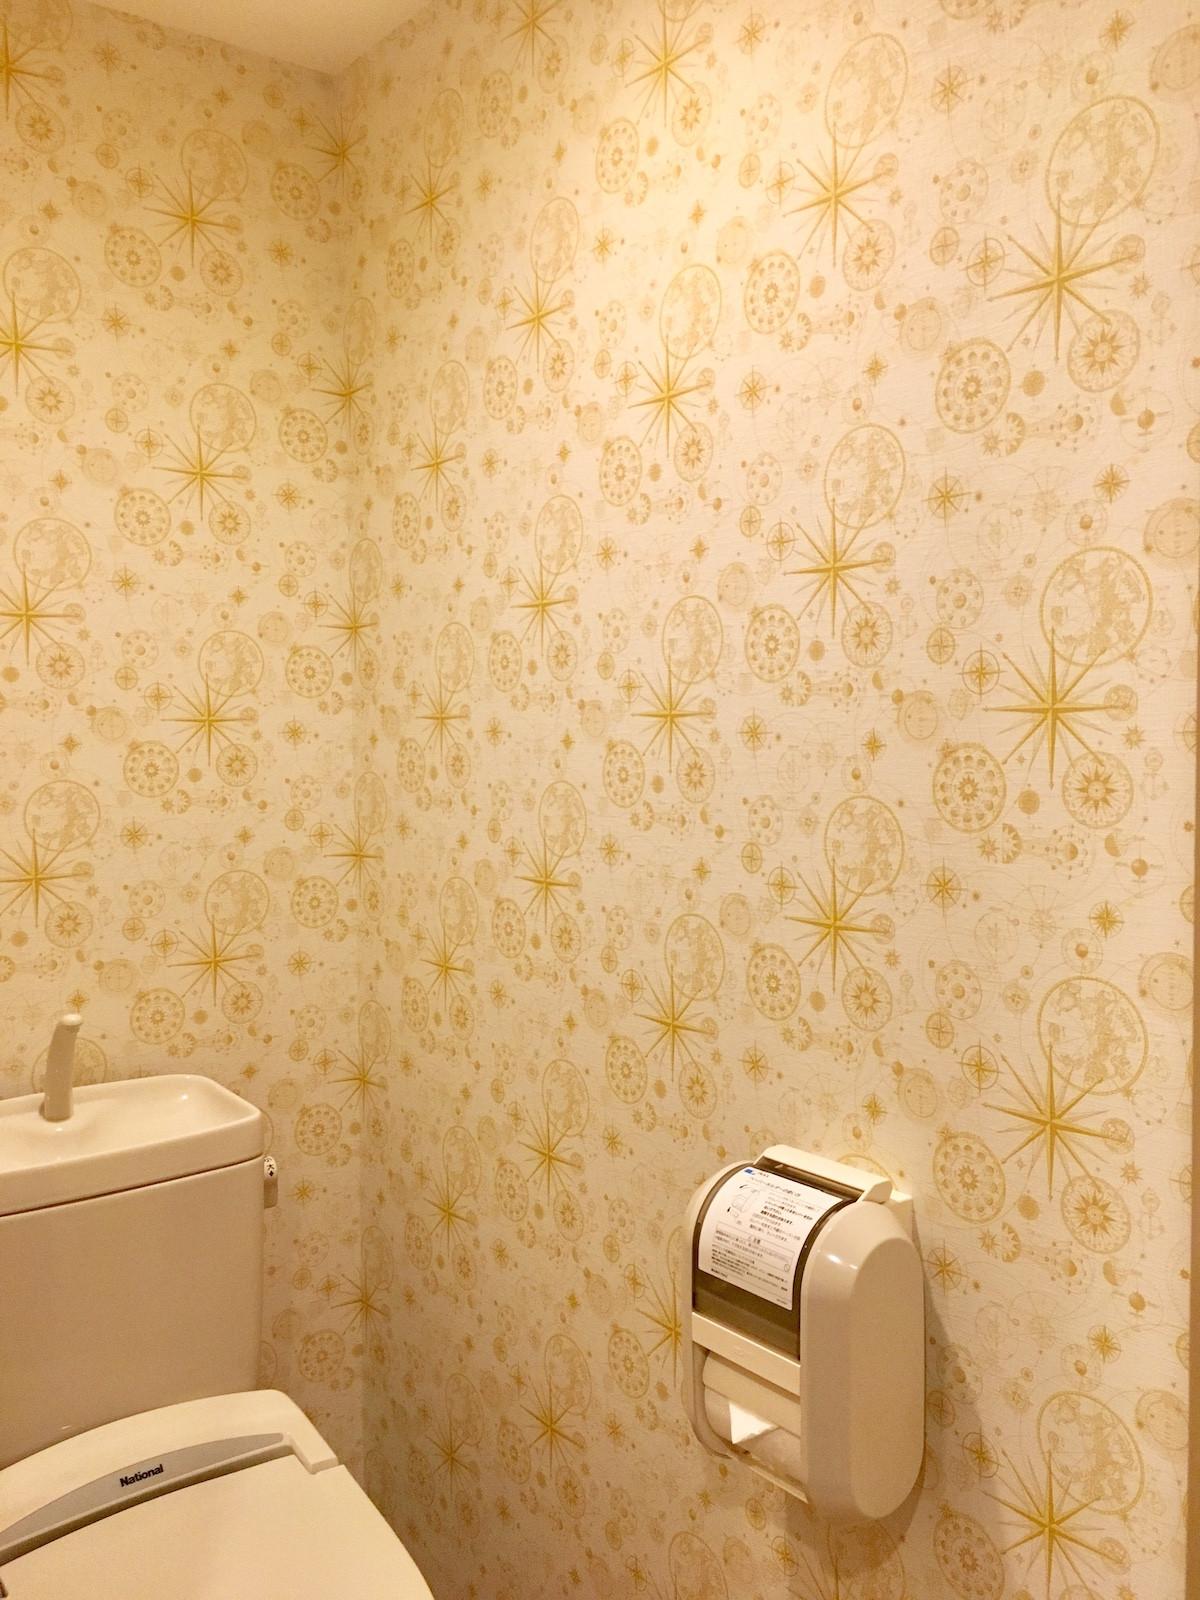 ティンカーベルが魔法をかけたような壁紙がかわいい キャステル